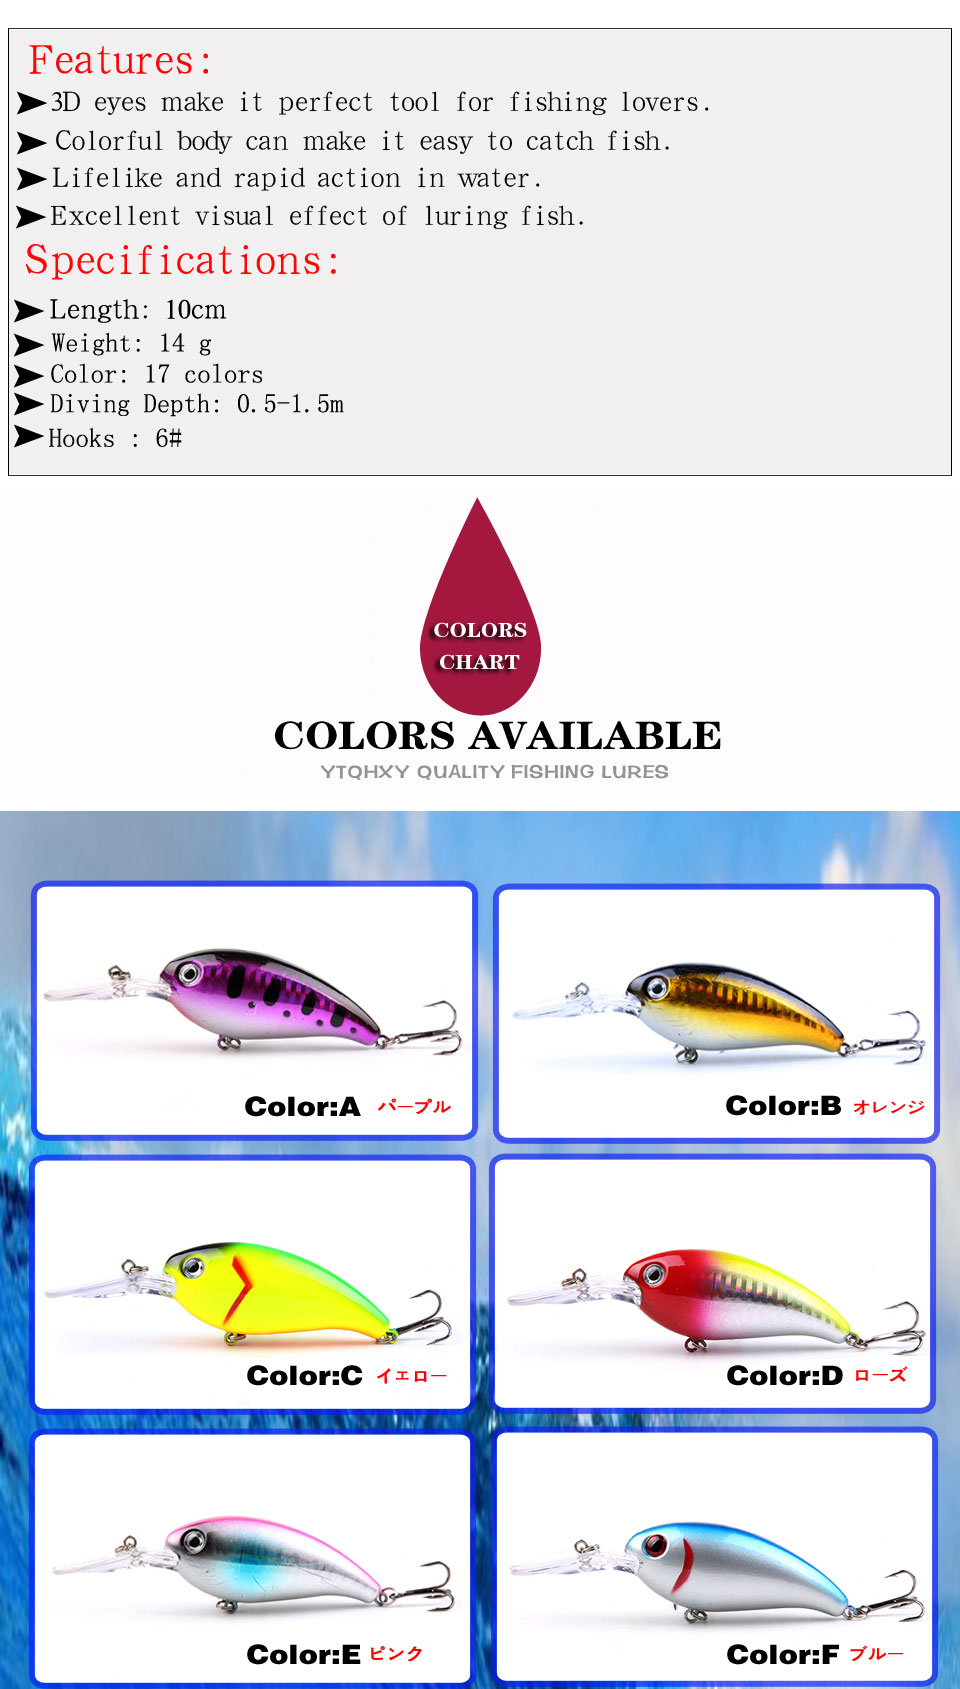 электронный приманка для рыбалки